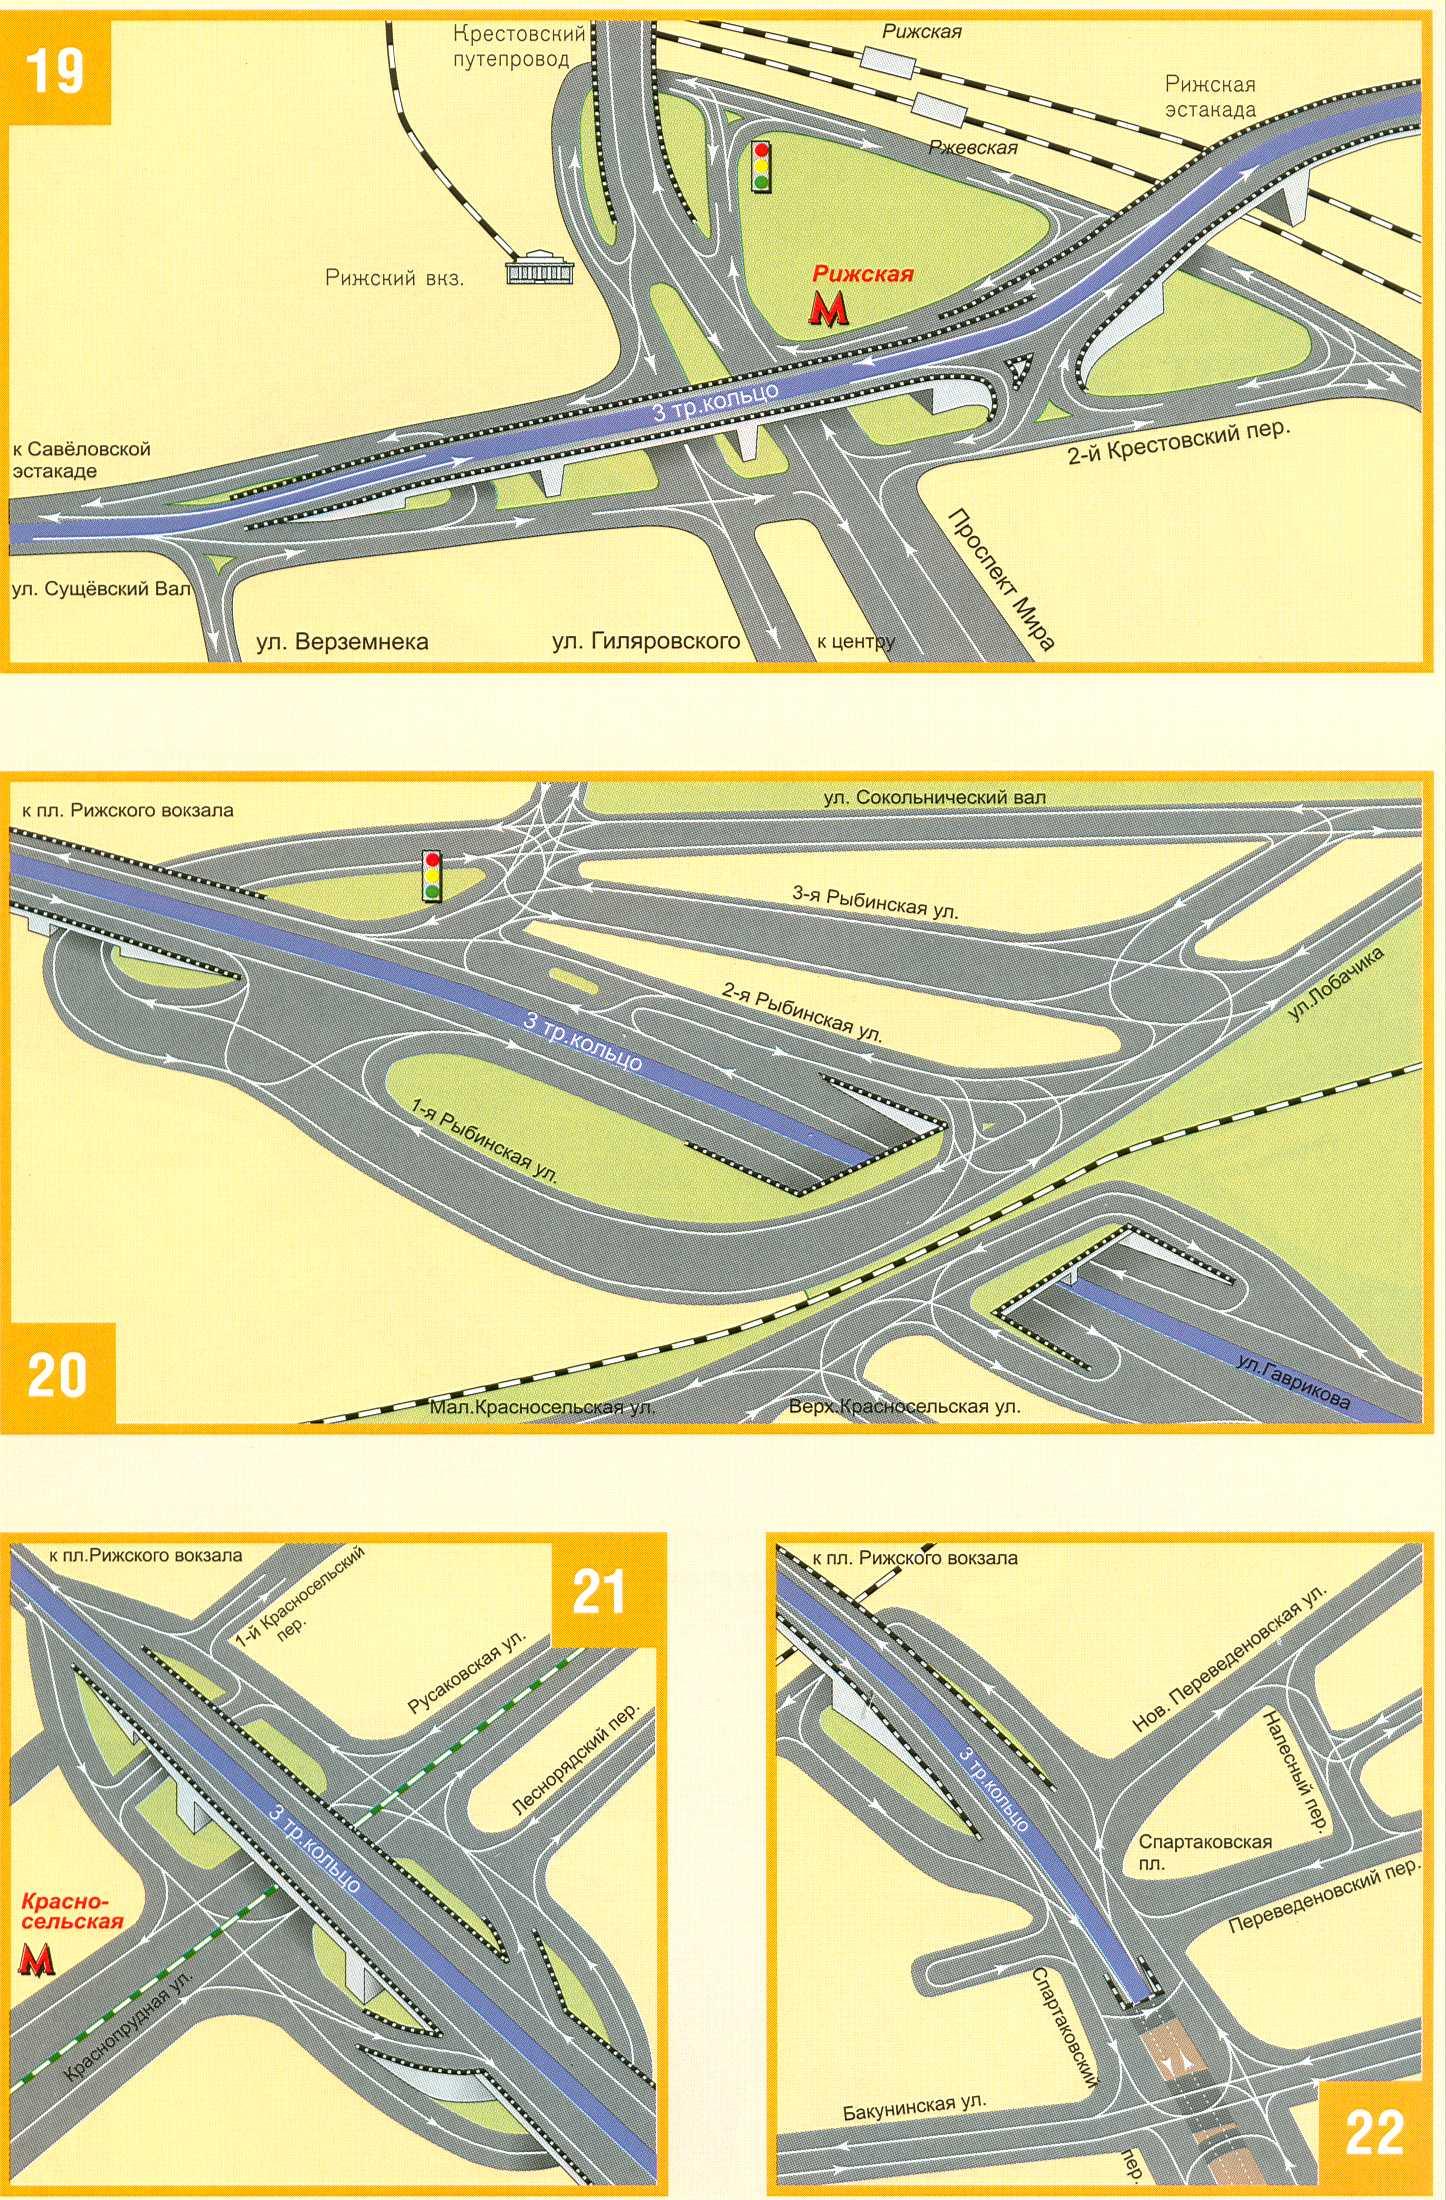 Развязки 19-22 третьего транспортного кольца Москвы.